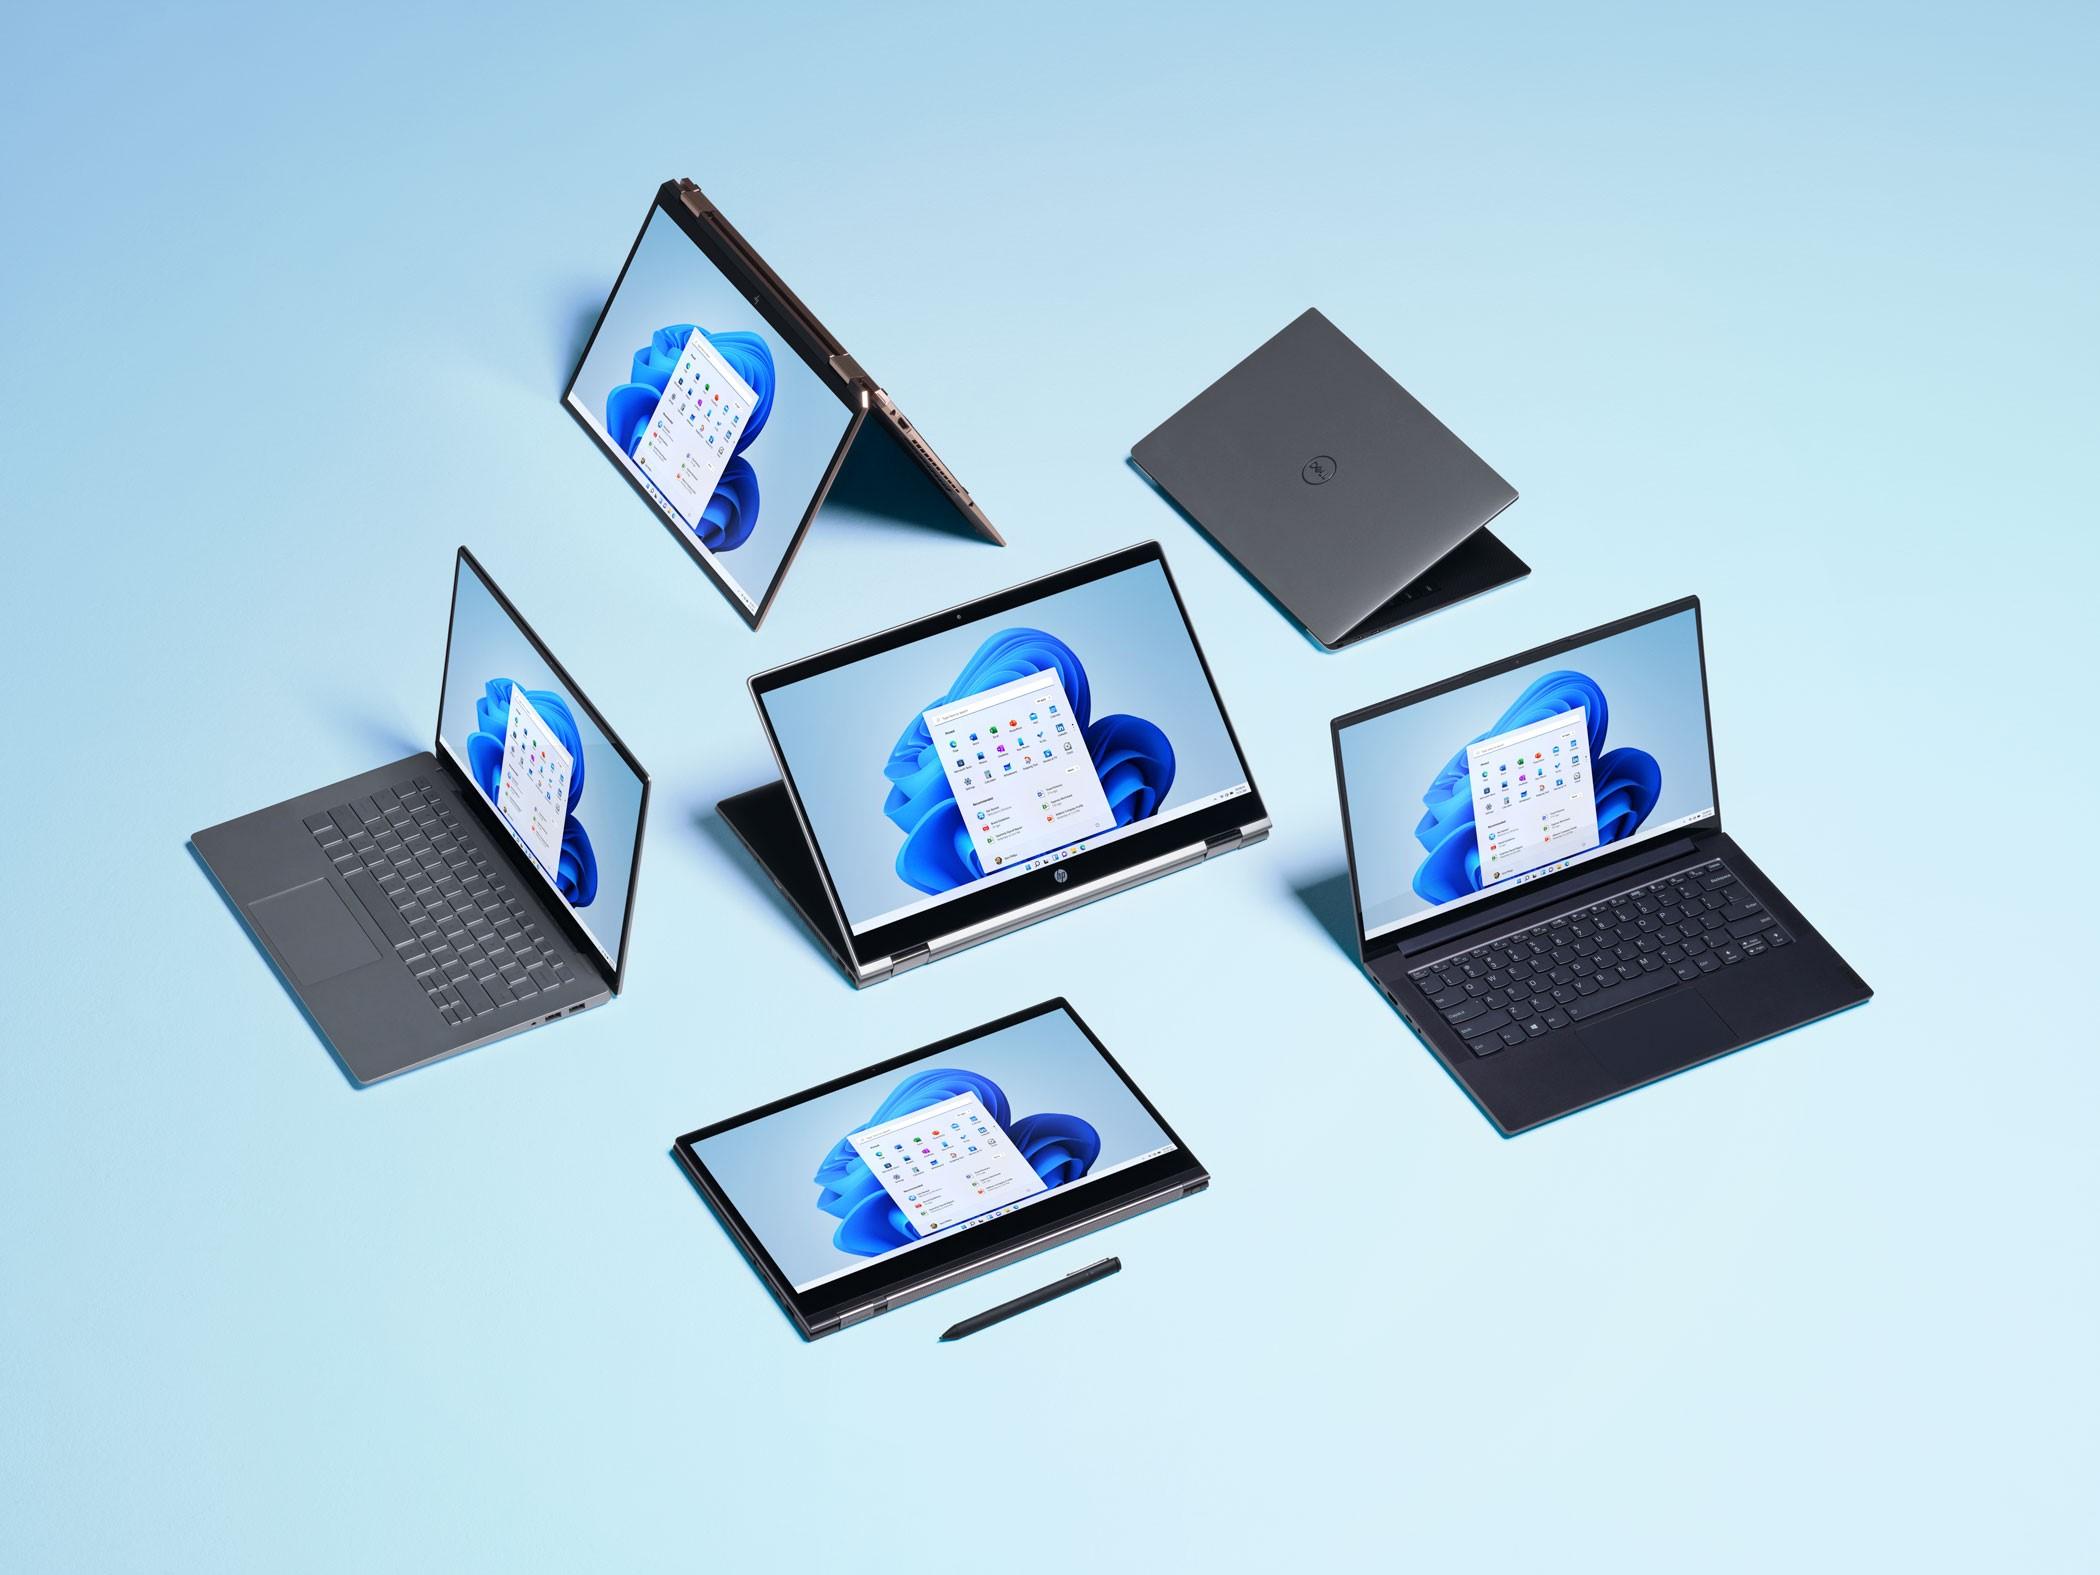 Apparaten met Windows 11